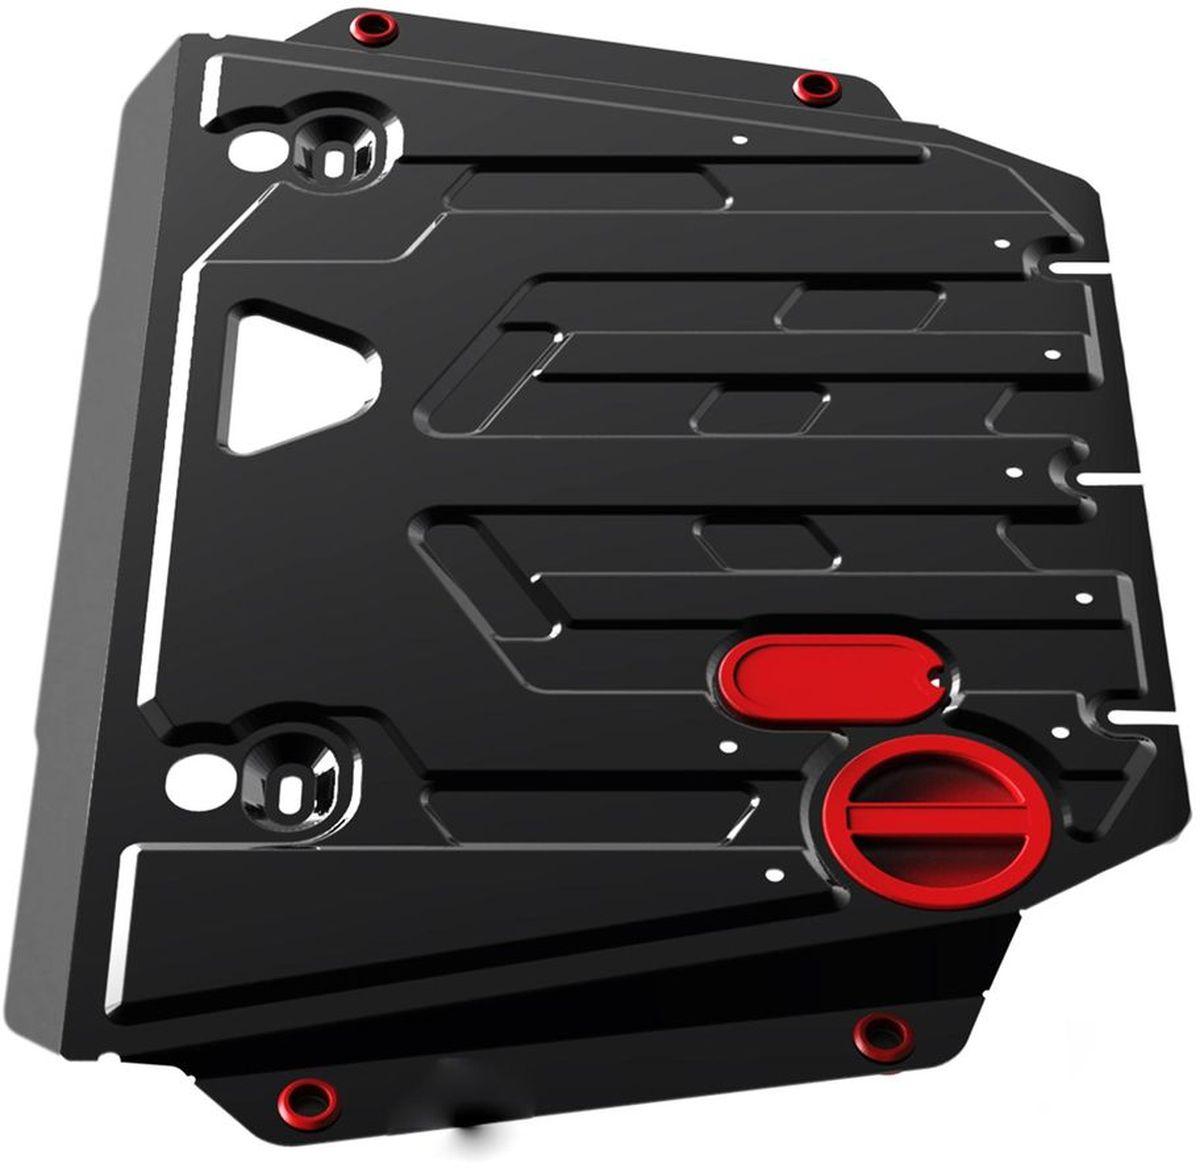 Защита картера и КПП Автоброня, для Chevrolet Lanos V - 1,5 (2005-) /ЗАЗ Chance V- 1,3 (2009-)111.01012.1Технологически совершенный продукт за невысокую стоимость. Защита разработана с учетом особенностей днища автомобиля, что позволяет сохранить дорожный просвет с минимальным изменением. Защита устанавливается в штатные места кузова автомобиля. Глубокий штамп обеспечивает до двух раз больше жесткости в сравнении с обычной защитой той же толщины. Проштампованные ребра жесткости препятствуют деформации защиты при ударах. Тепловой зазор и вентиляционные отверстия обеспечивают сохранение температурного режима двигателя в норме. Скрытый крепеж предотвращает срыв крепежных элементов при наезде на препятствие. Шумопоглощающие резиновые элементы обеспечивают комфортную езду без вибраций и скрежета металла, а съемные лючки для слива масла и замены фильтра - экономию средств и время. Конструкция изделия не влияет на пассивную безопасность автомобиля (при ударе защита не воздействует на деформационные зоны кузова). Со штатным крепежом. В комплекте инструкция по установке....